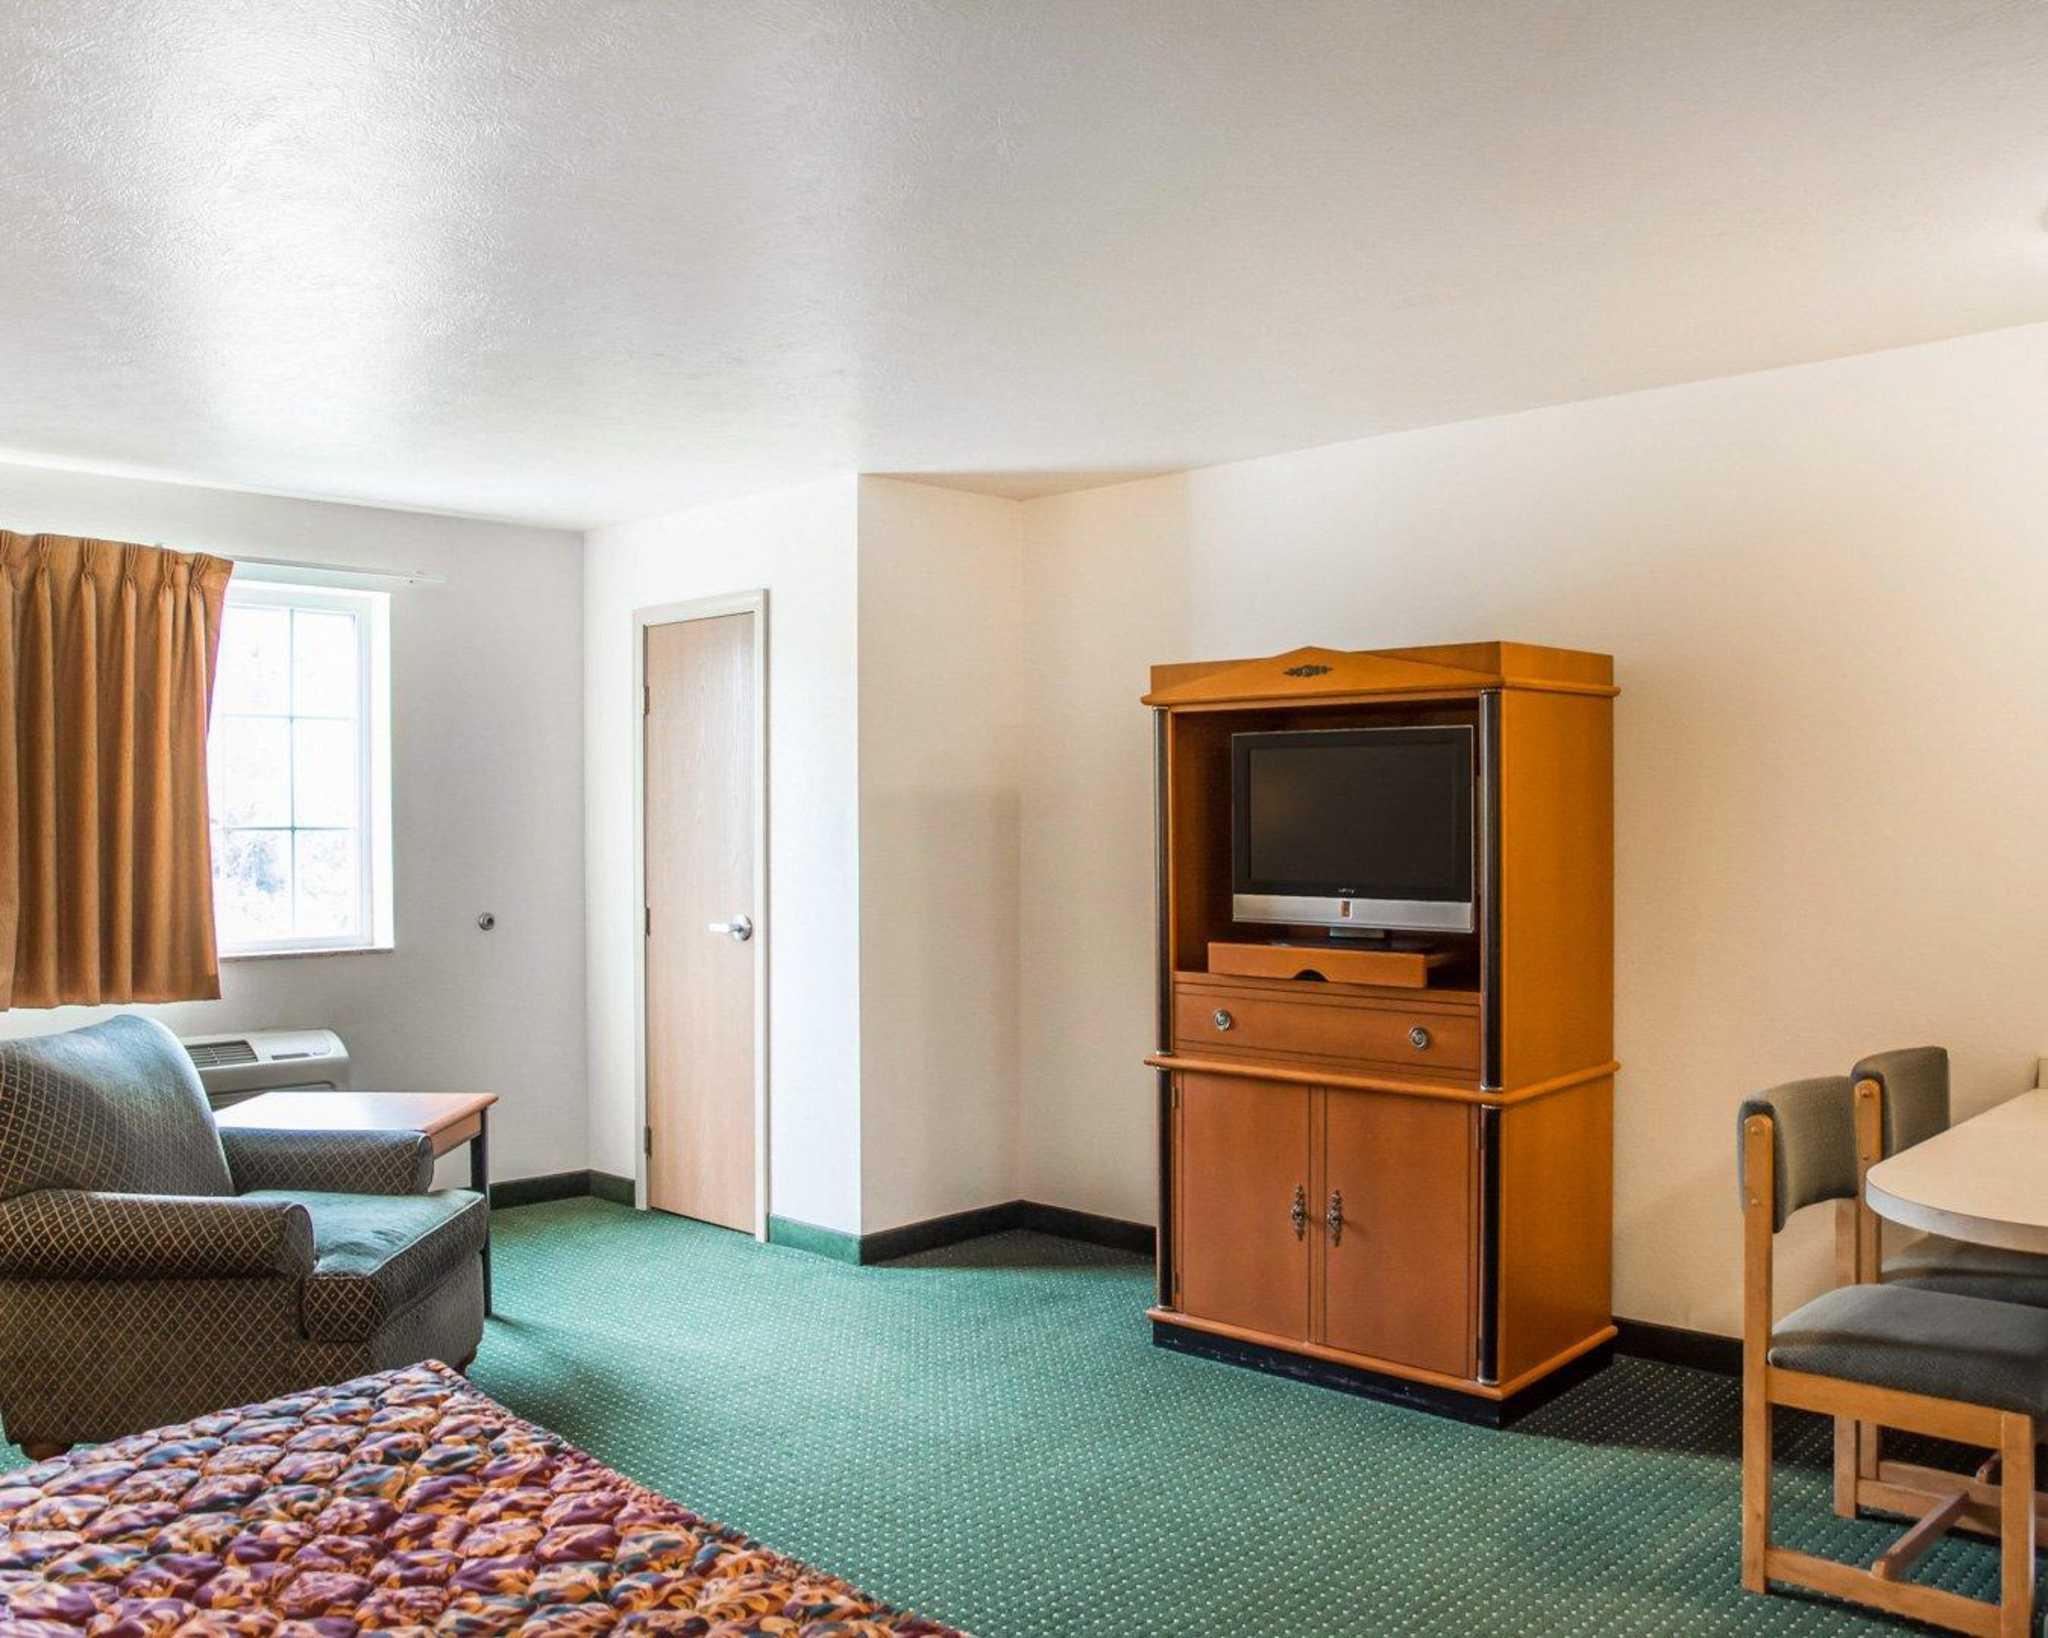 Suburban Extended Stay Hotel Dayton-WP AFB image 8